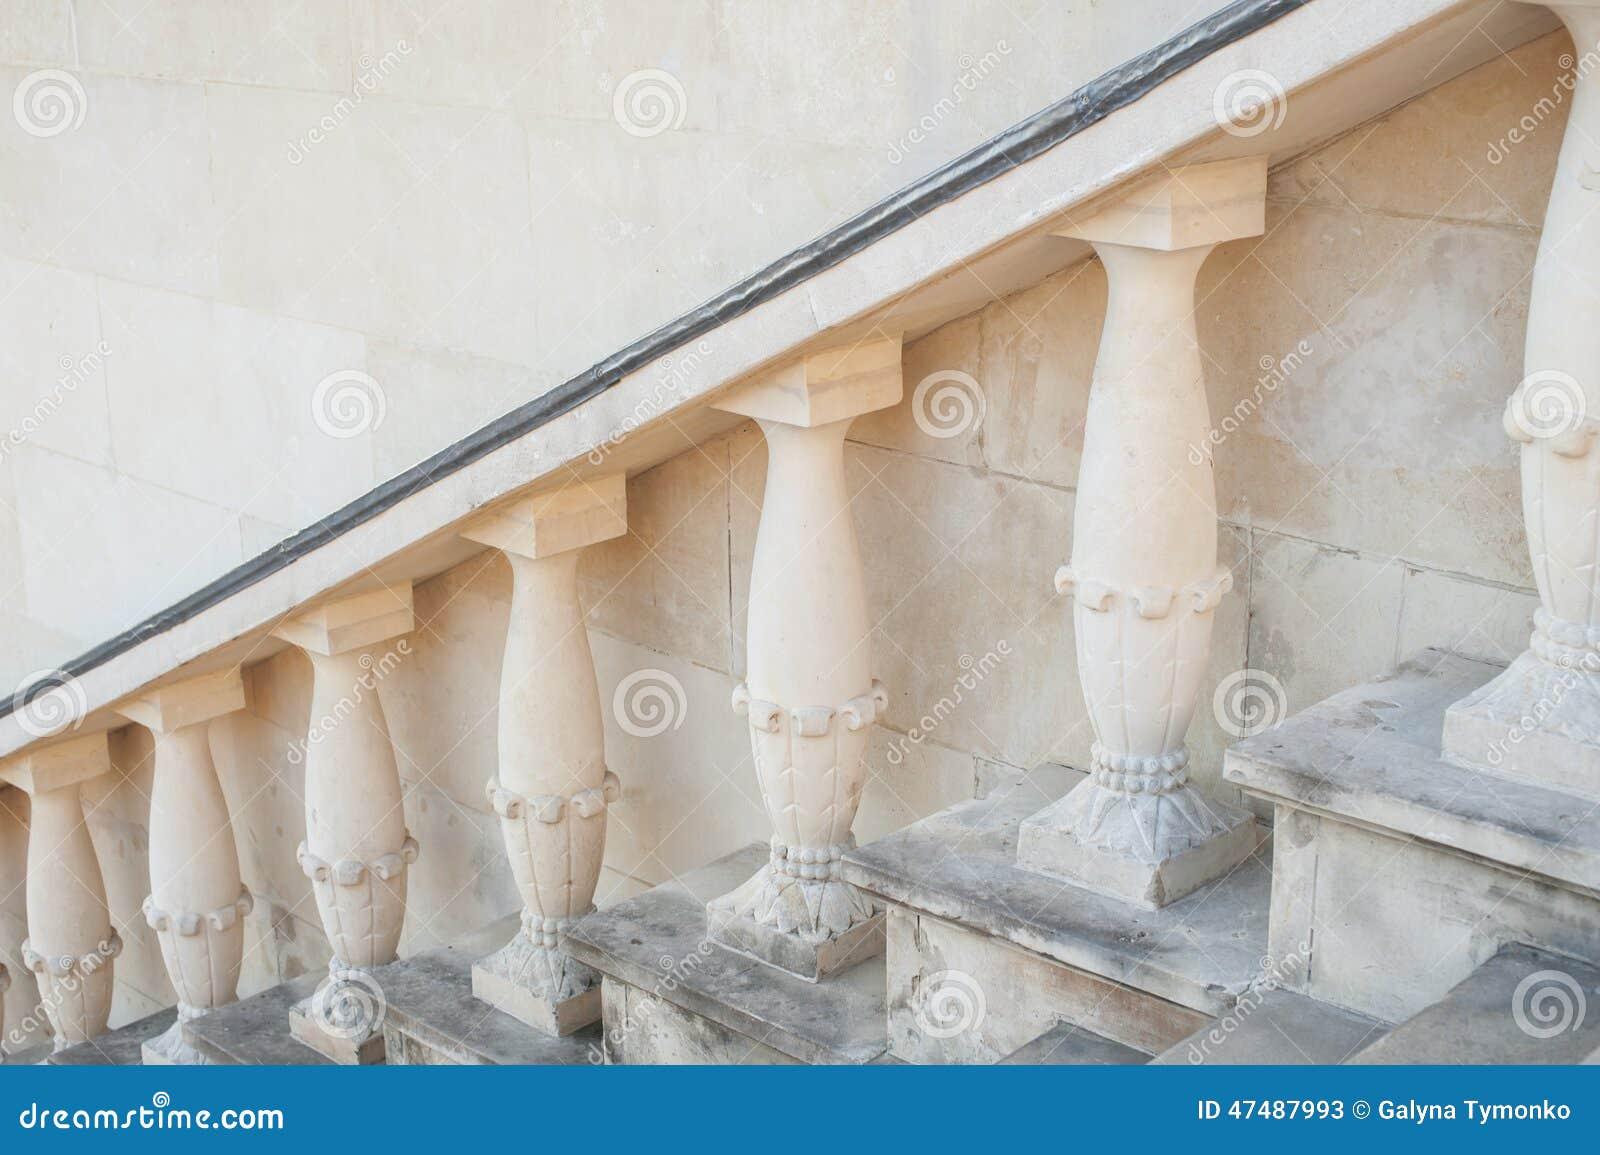 Balaustre y escalera barrocos de piedra foto de archivo - Balaustres de piedra ...